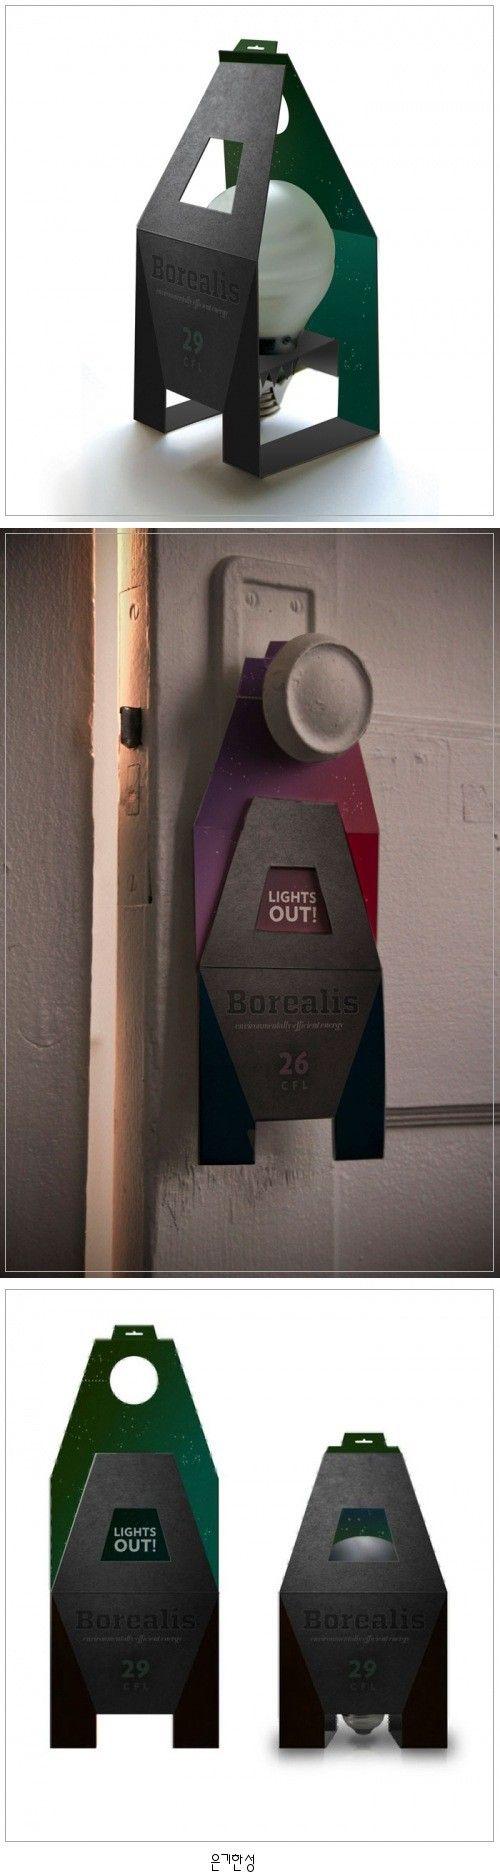 전구 커버 패키지 Student Spotlight: Borealis Light Bulbs